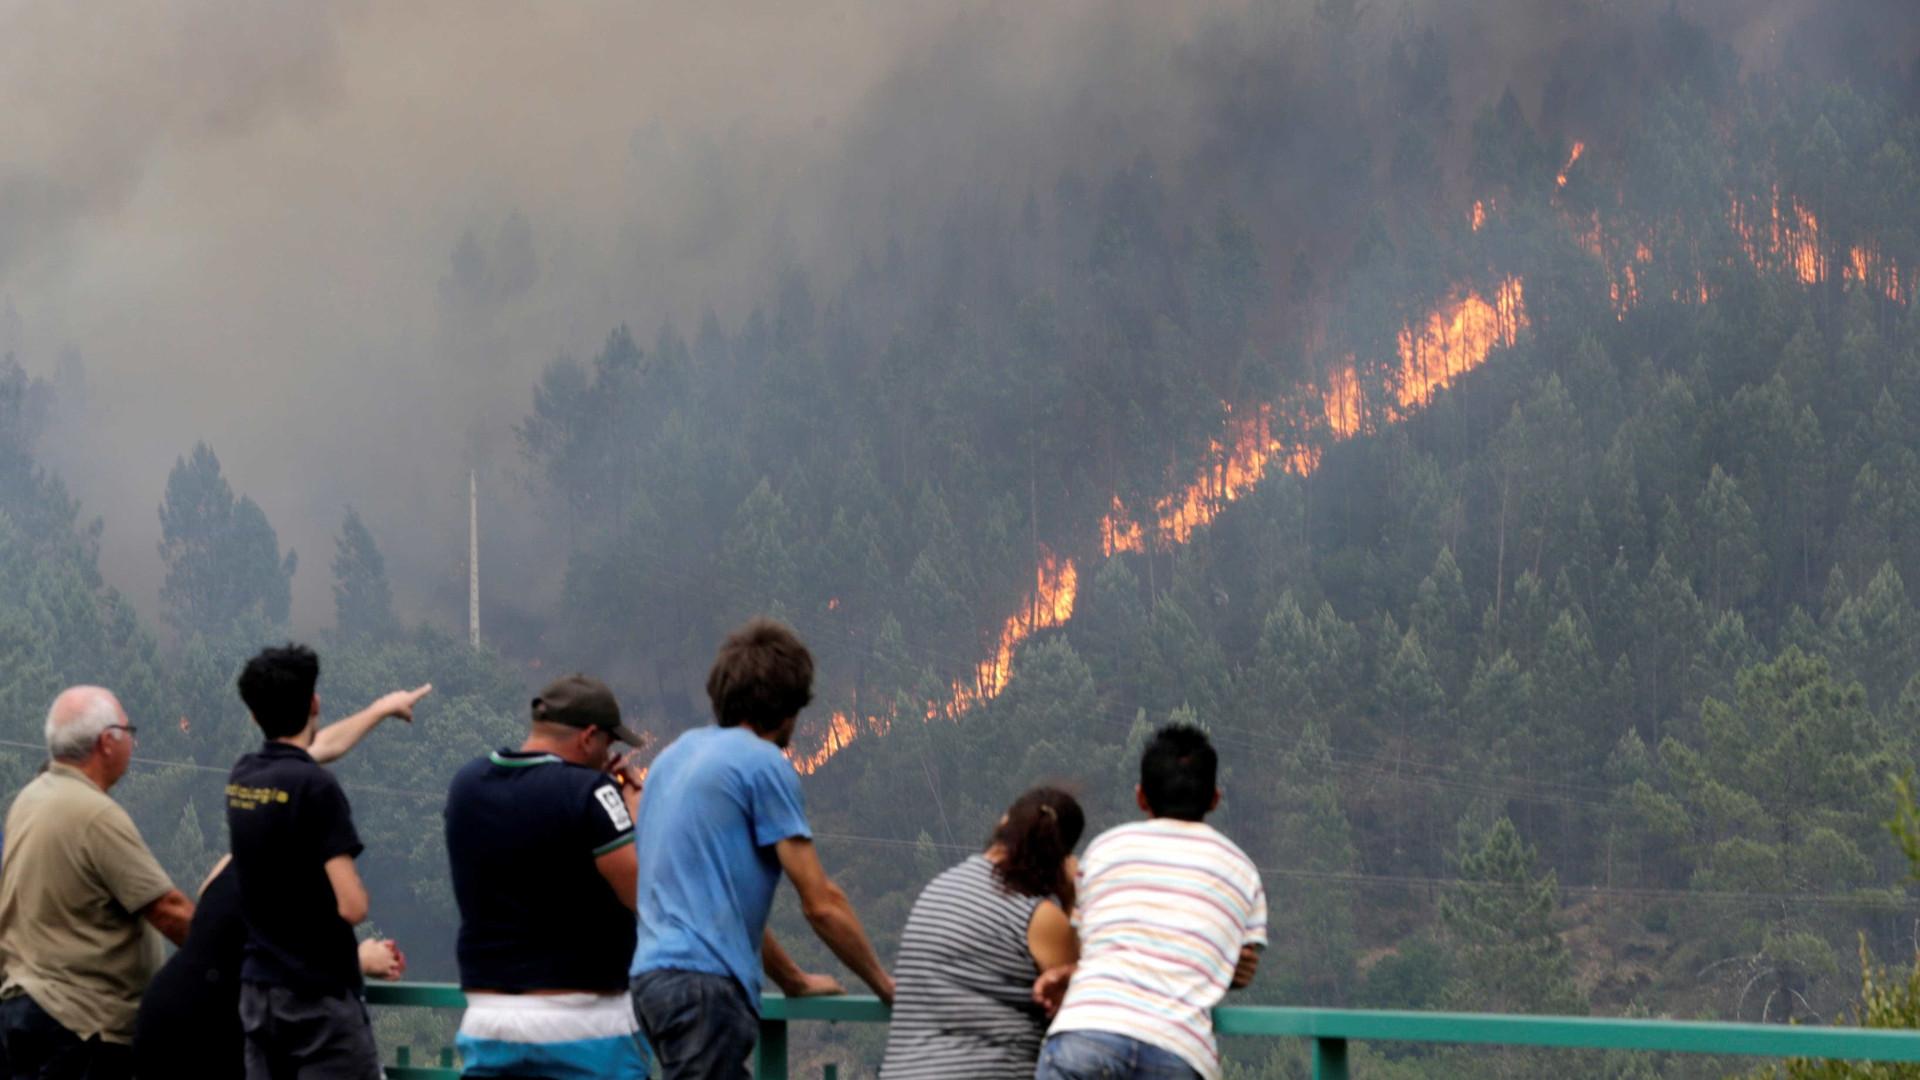 """Recomendações das autoridades não afastam """"mirones"""" do incêndio"""